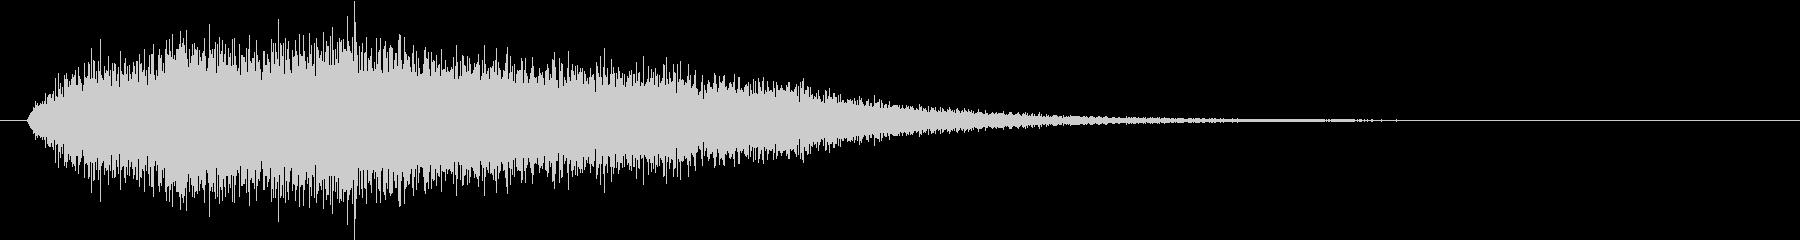 CM等のサウンドロゴにの未再生の波形